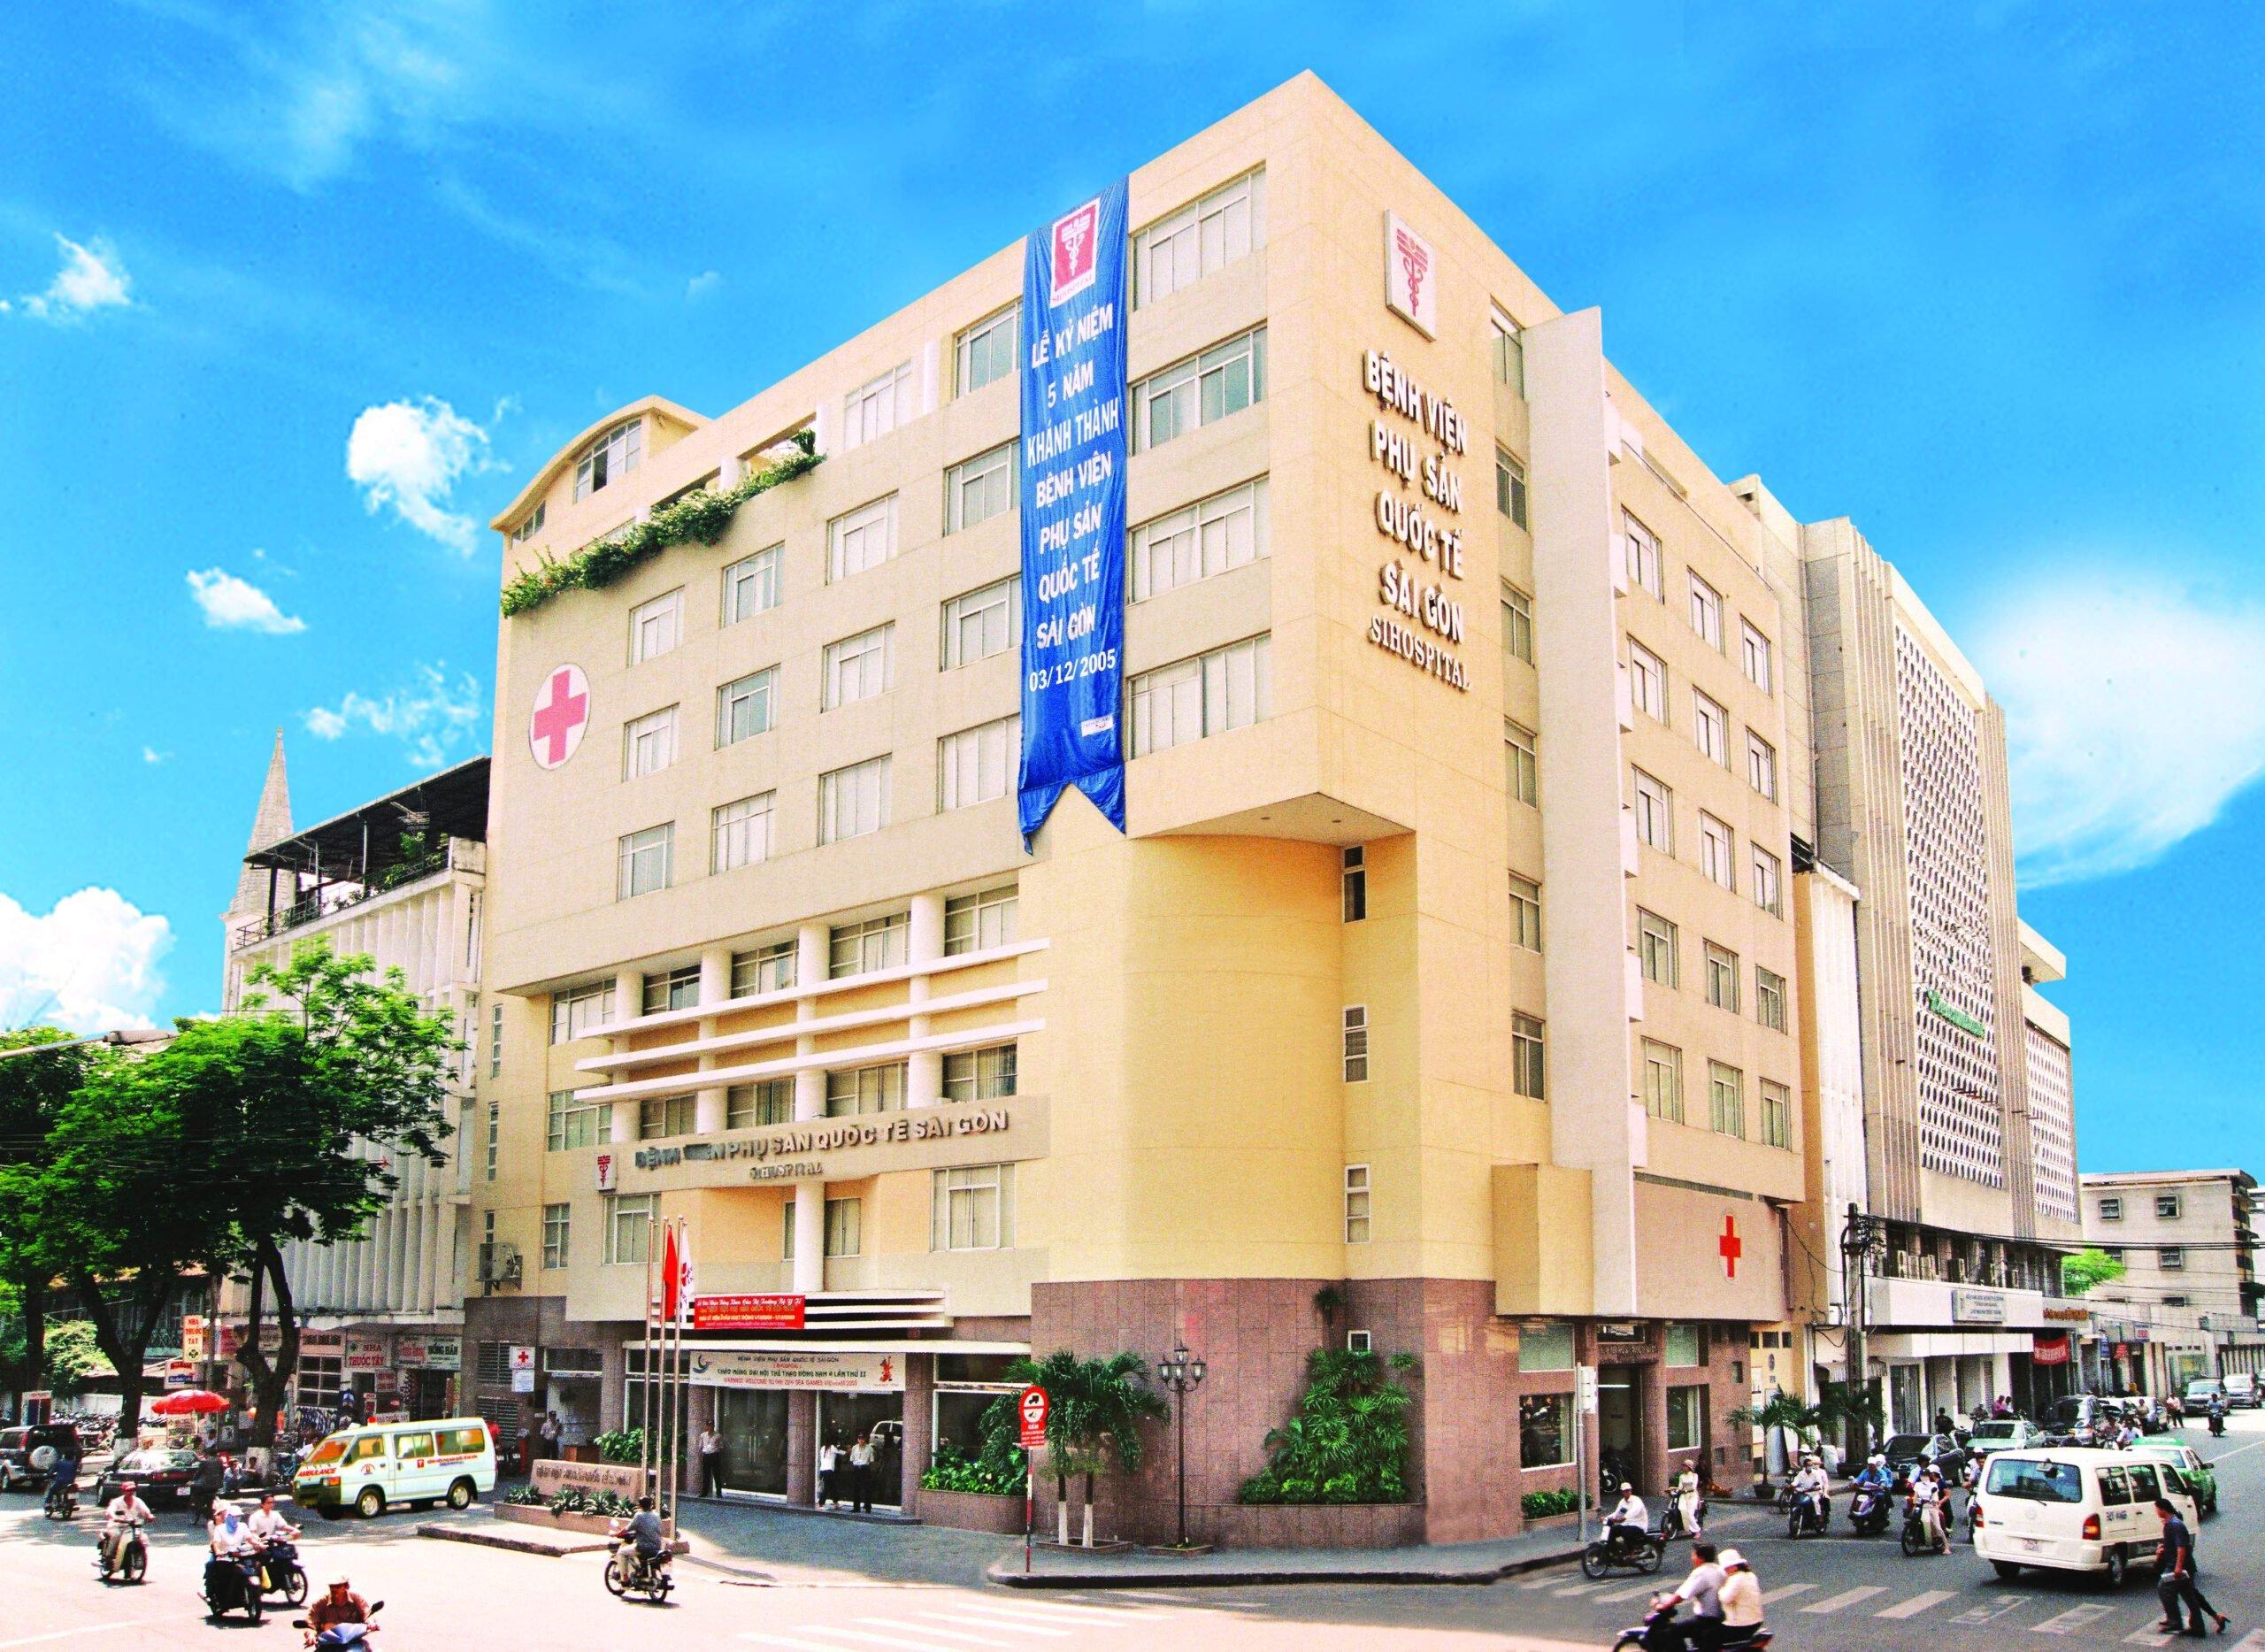 Bệnh viện Phụ sản quốc tế Sài Gòn | Health Care 24/7